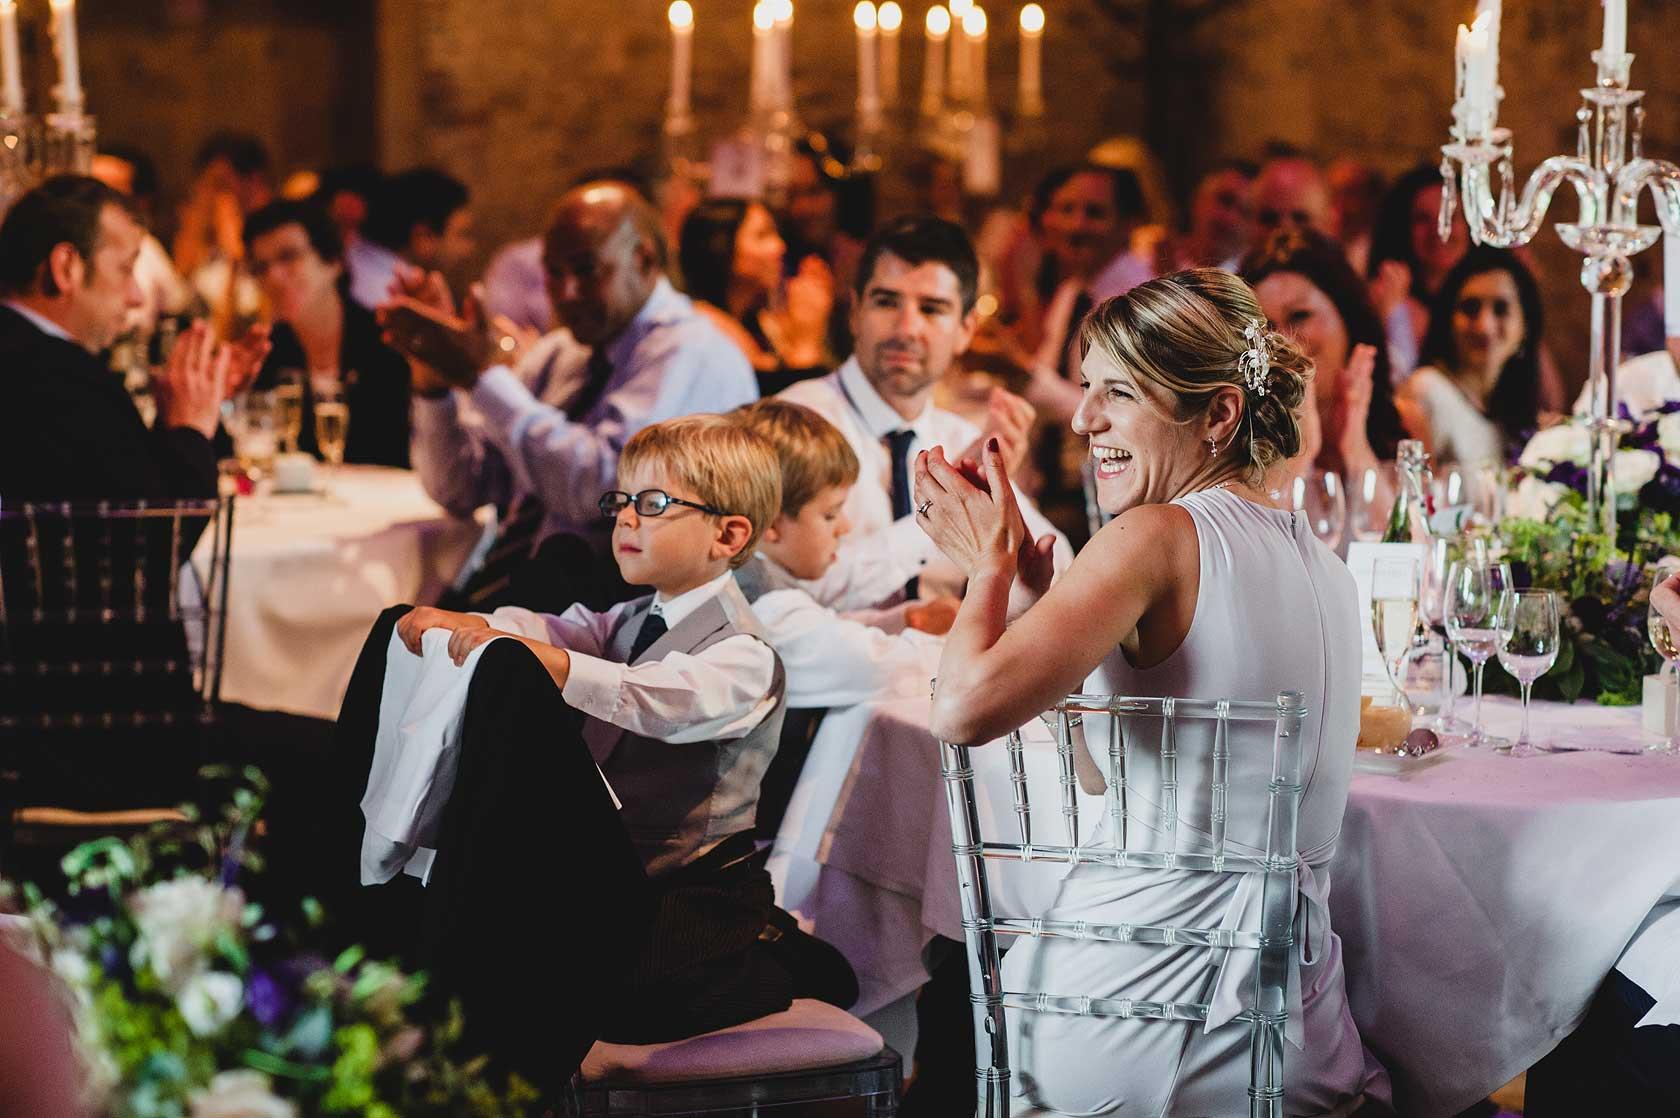 Wedding Photographer in Buckinghamshire